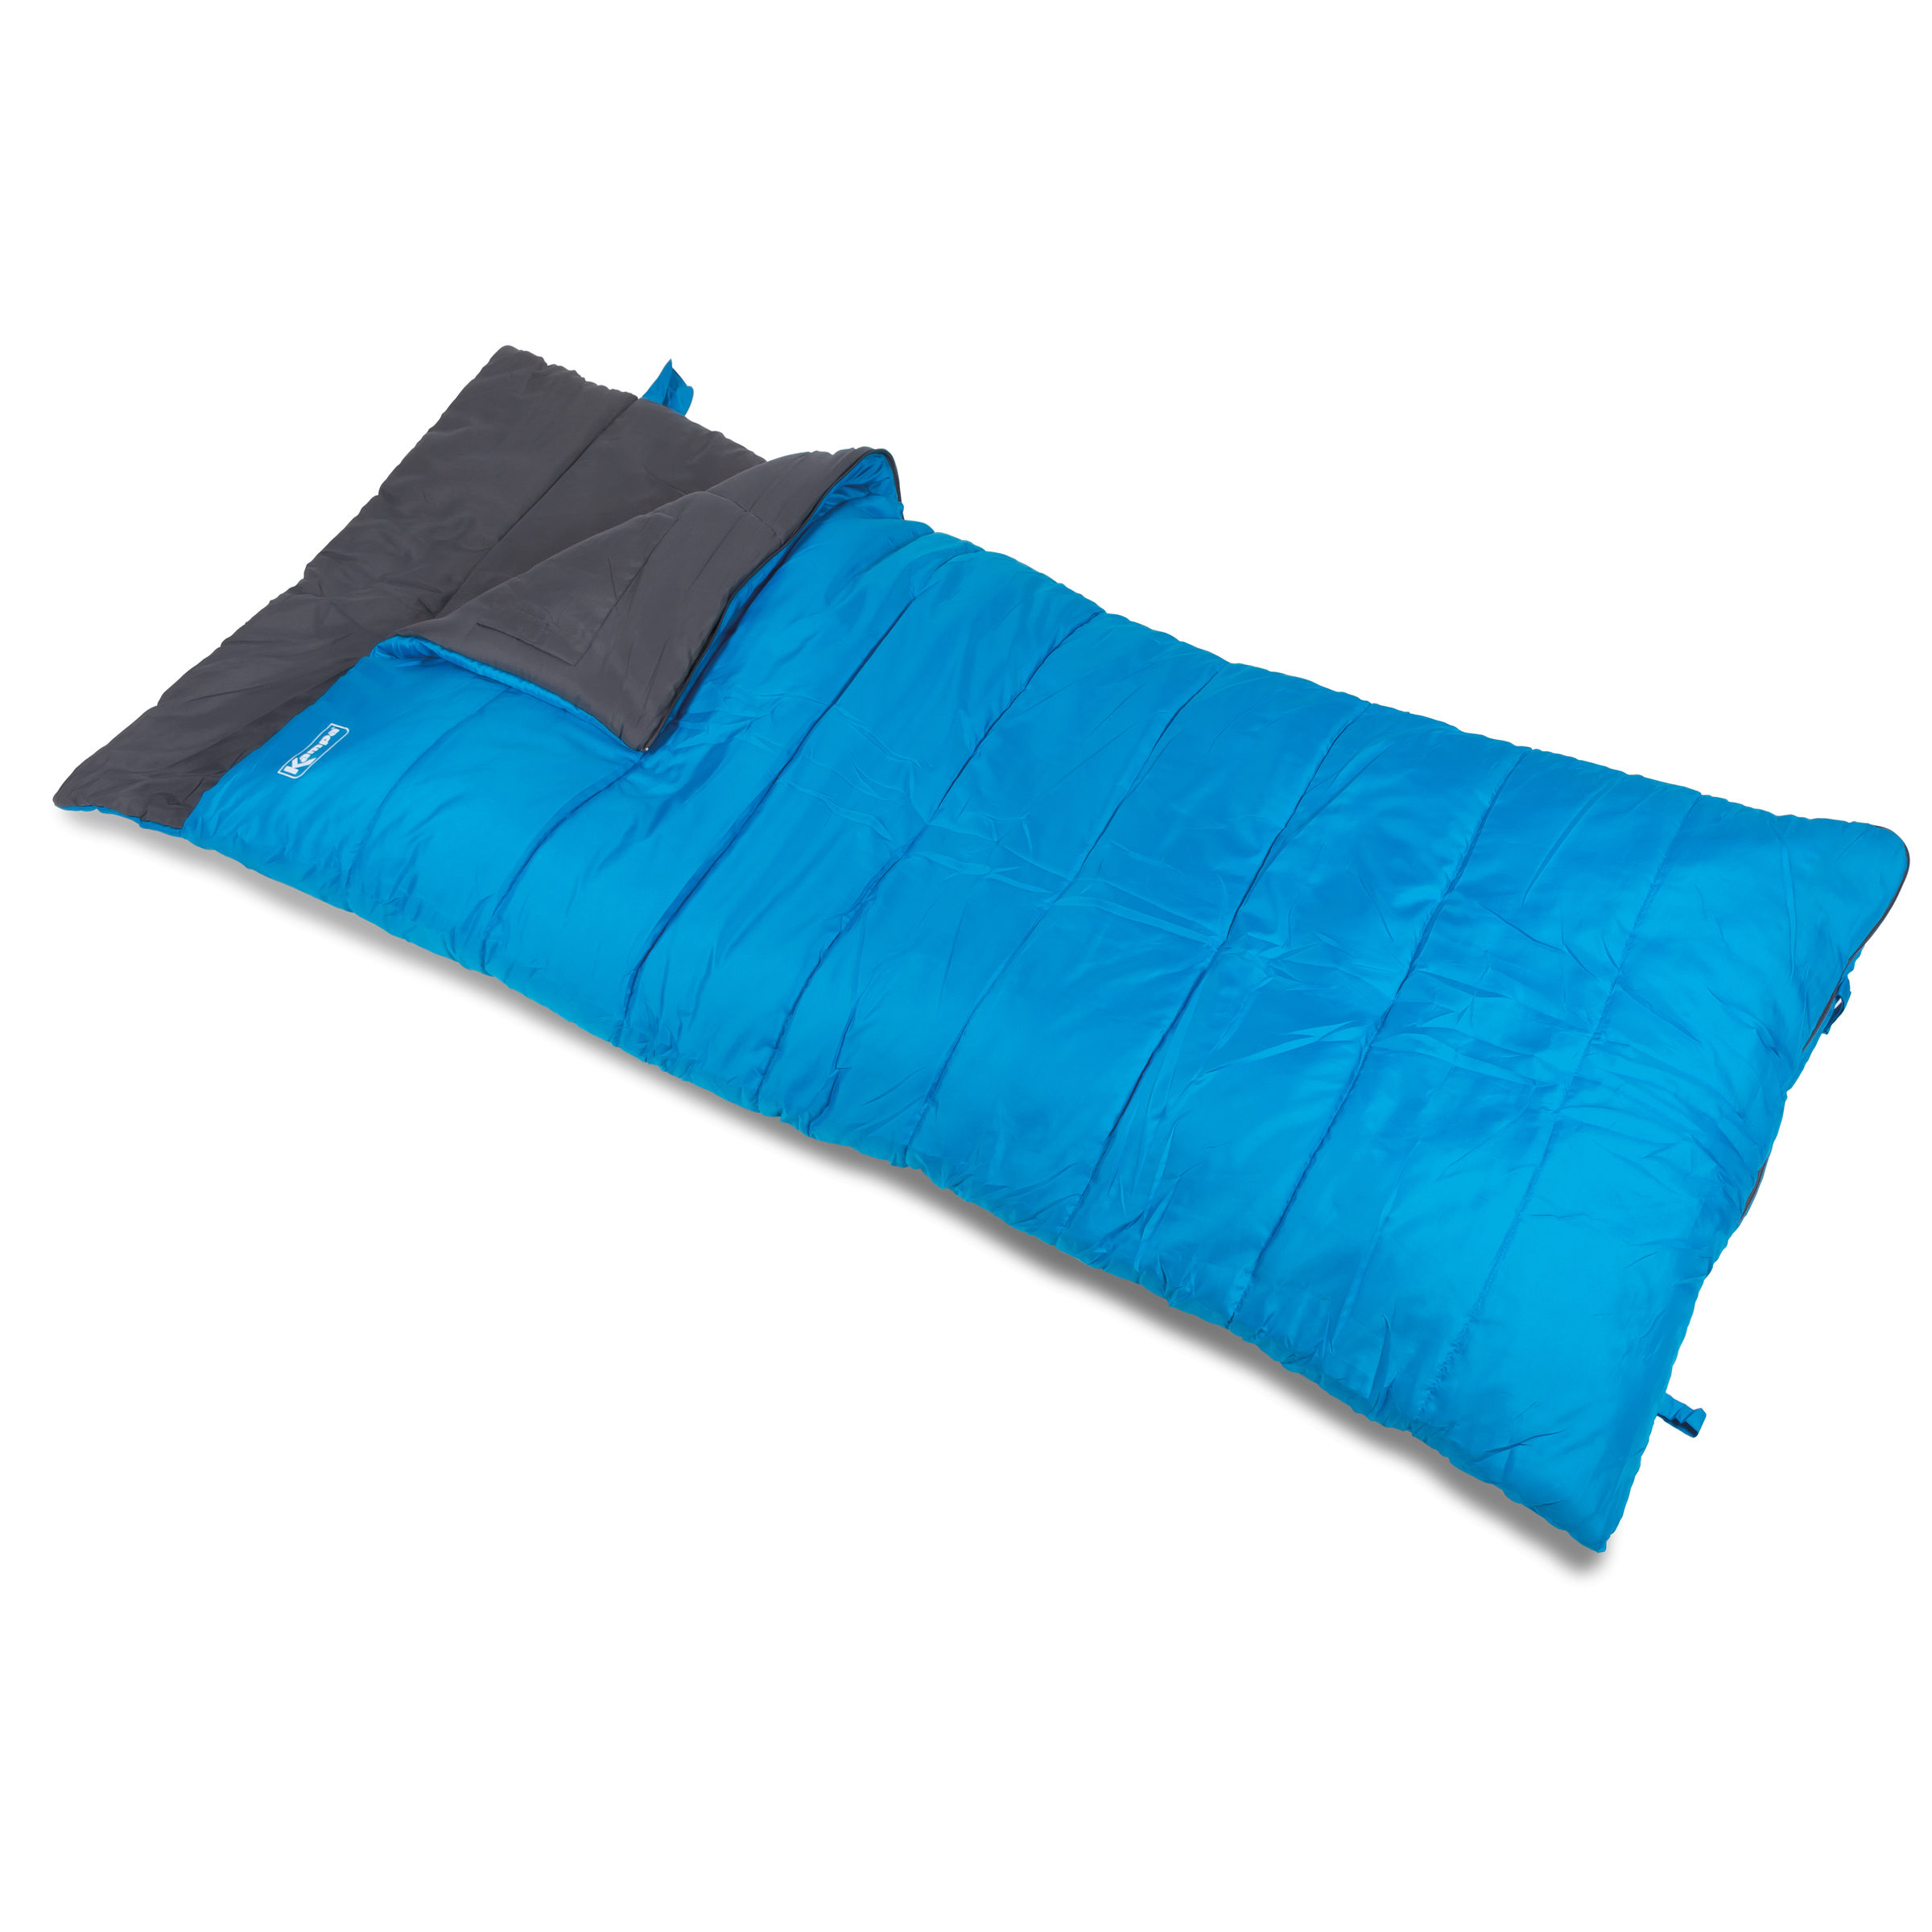 Sb0036 Annecy Lux Xl Sleeping Bag Blue 1